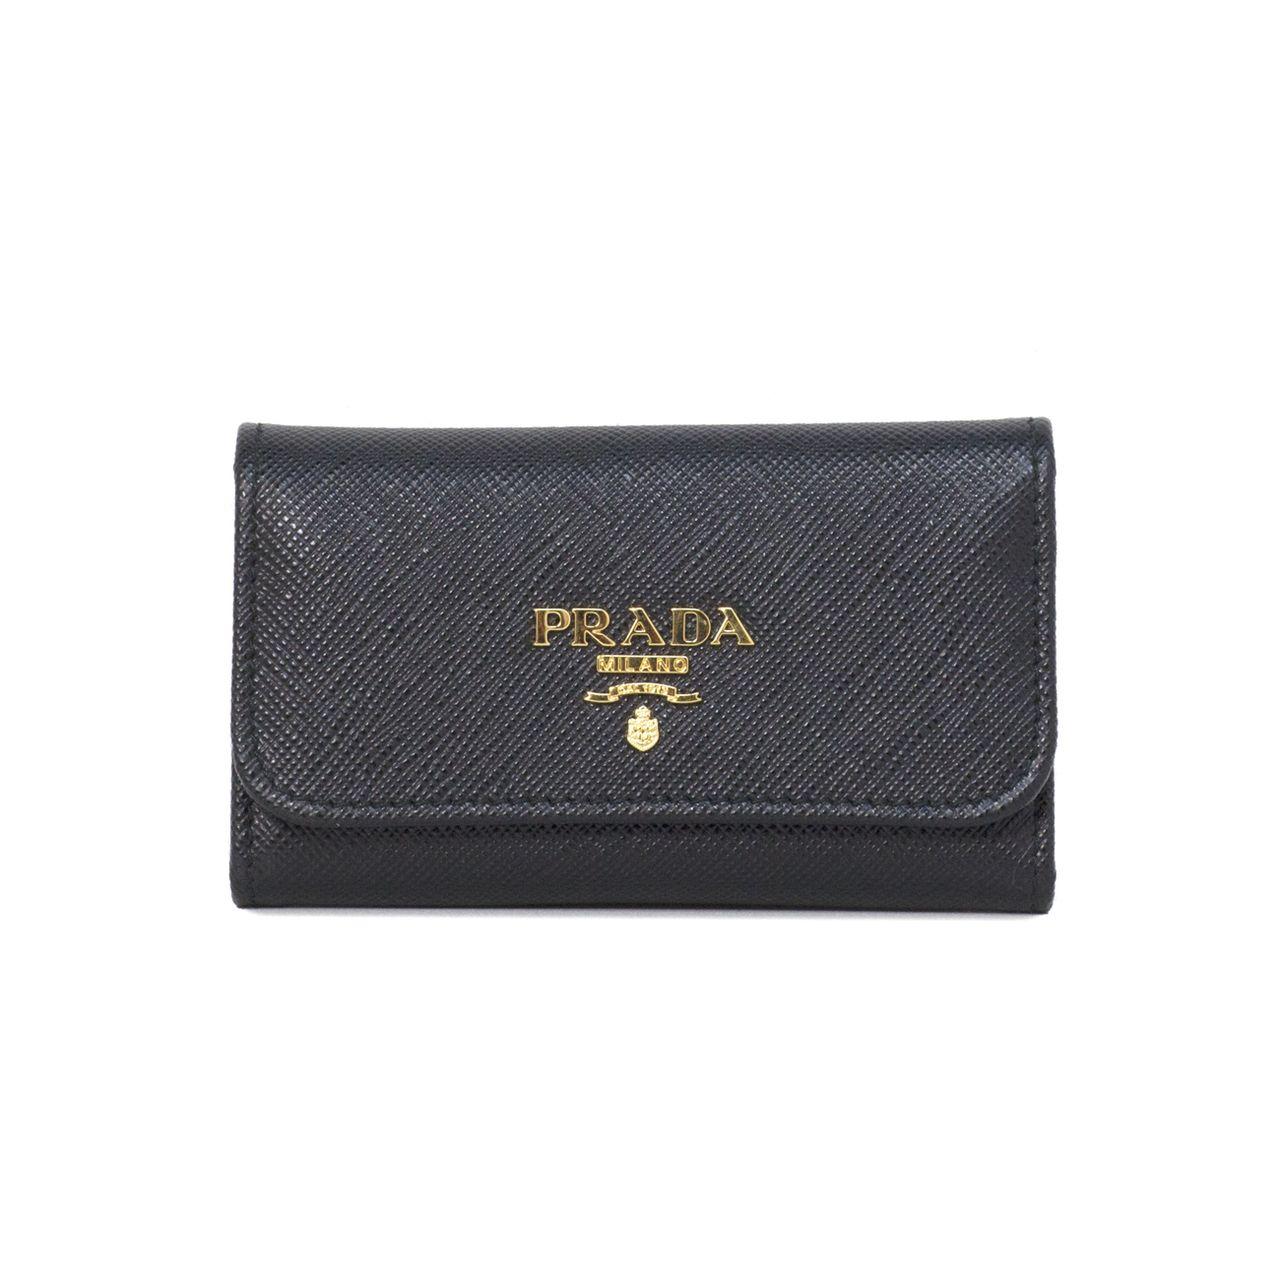 7a4218e35b30 Prada Black Saffiano Key Holder - modaselle | Prada | Prada, Prada ...